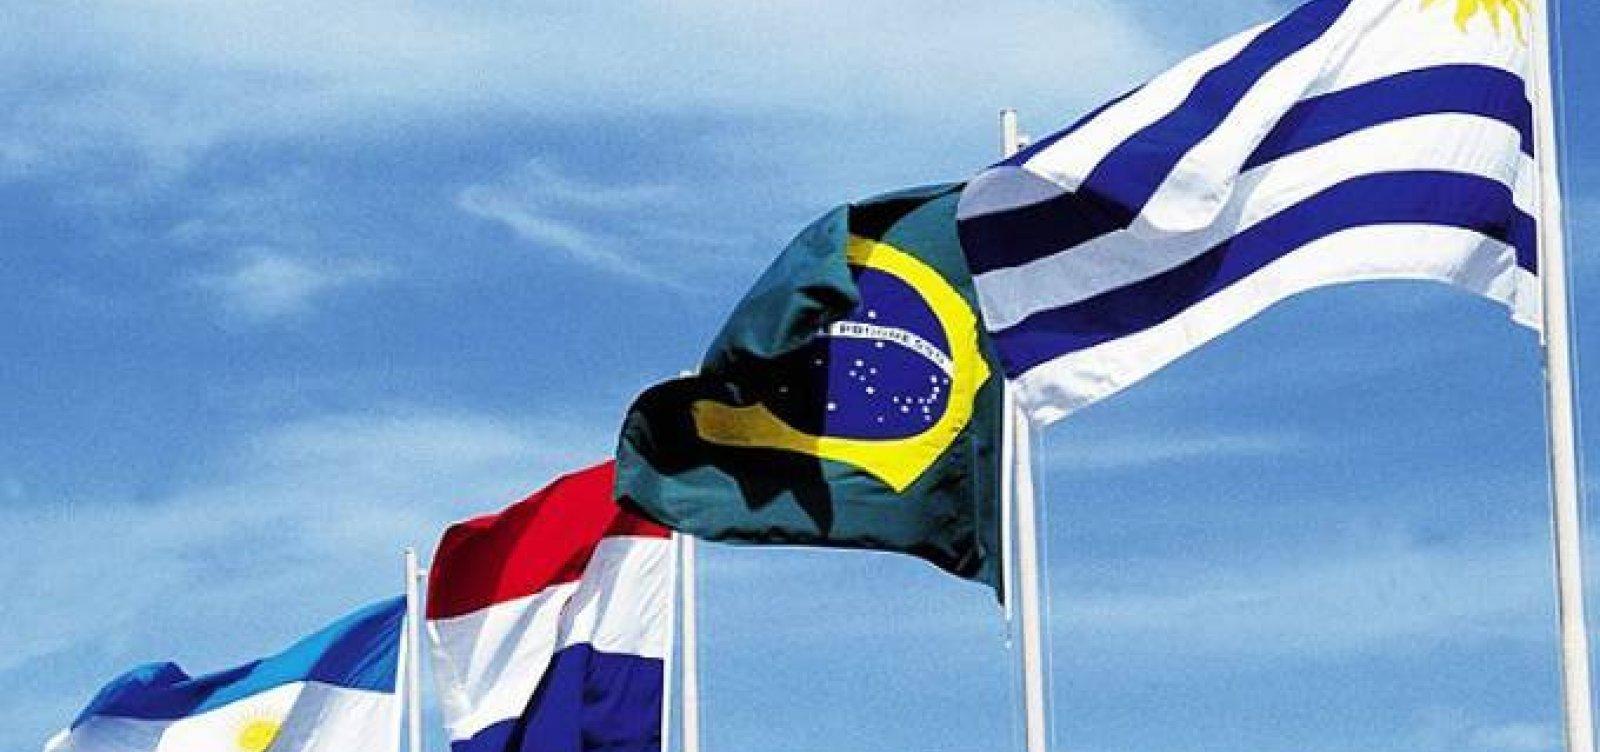 [Acordo entre Coreia e Mercosul pode aumentar investimentos no Brasil, diz embaixador]